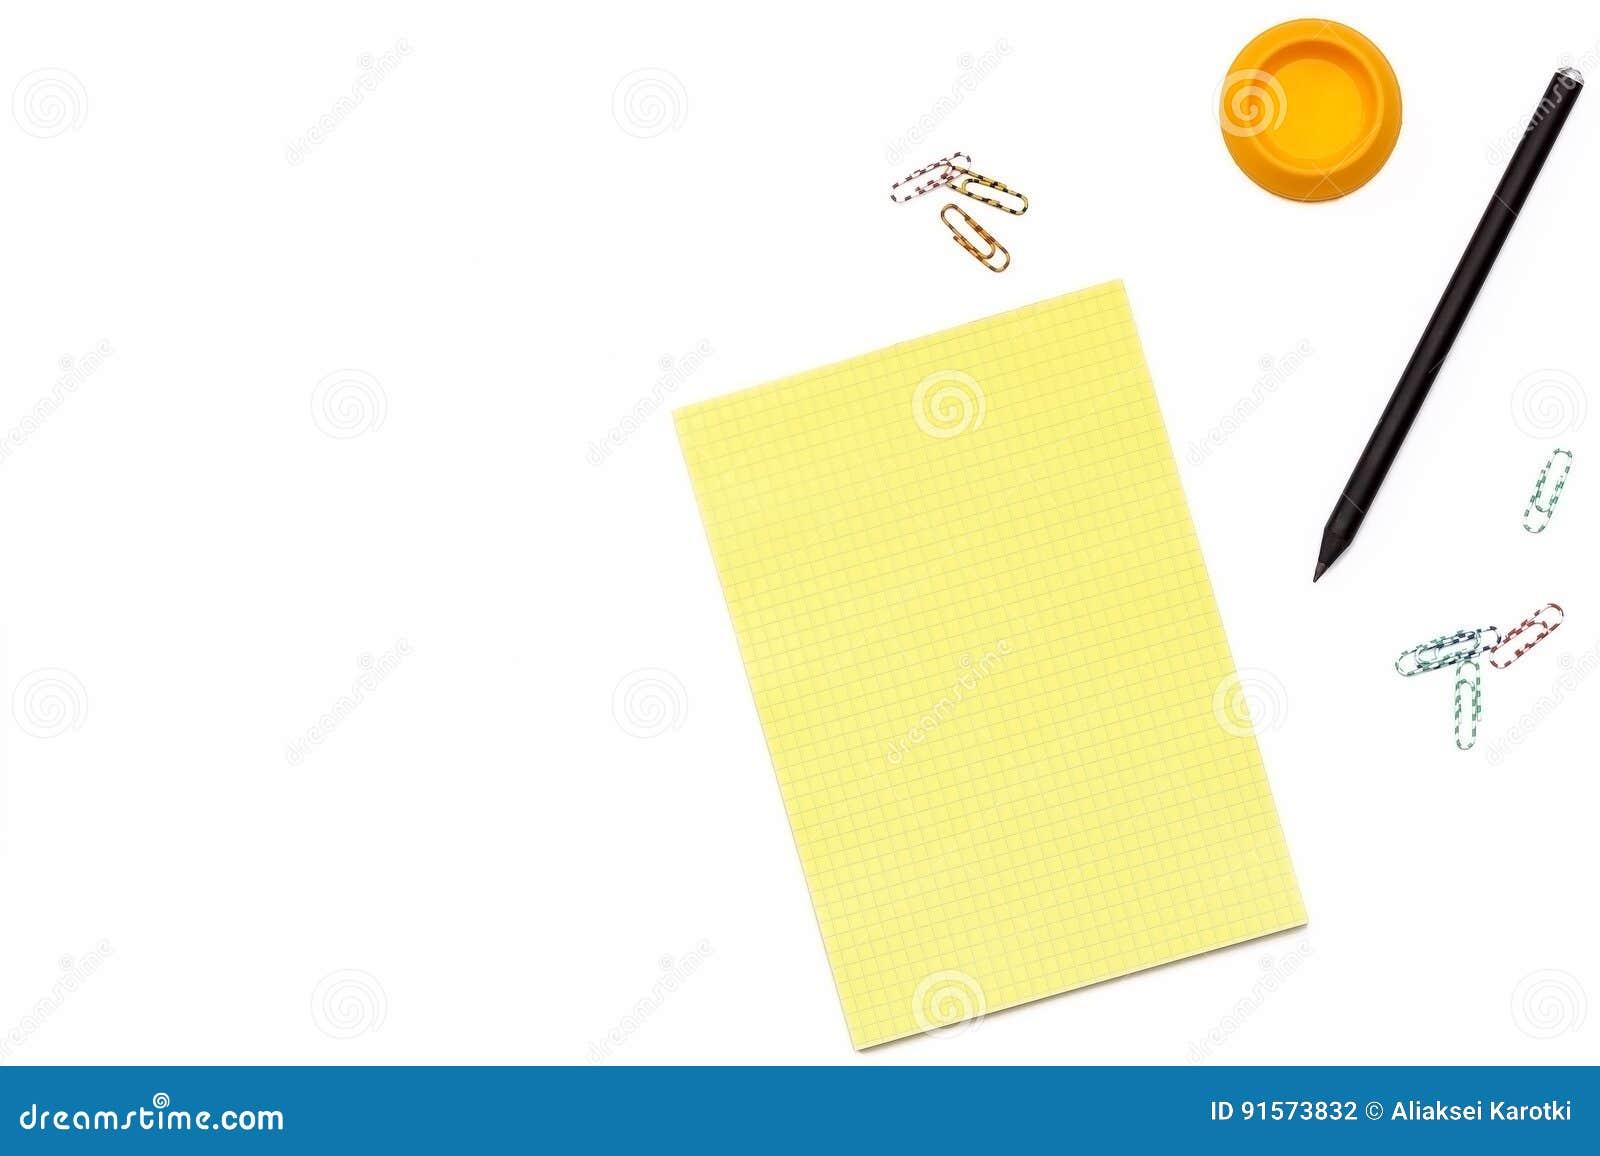 Żółty Notepad, czarny ołówek i papierowa klamerka na białym tle, Minimalny pojęcia miejsce pracy dla biura Mieszkanie nieatutowy